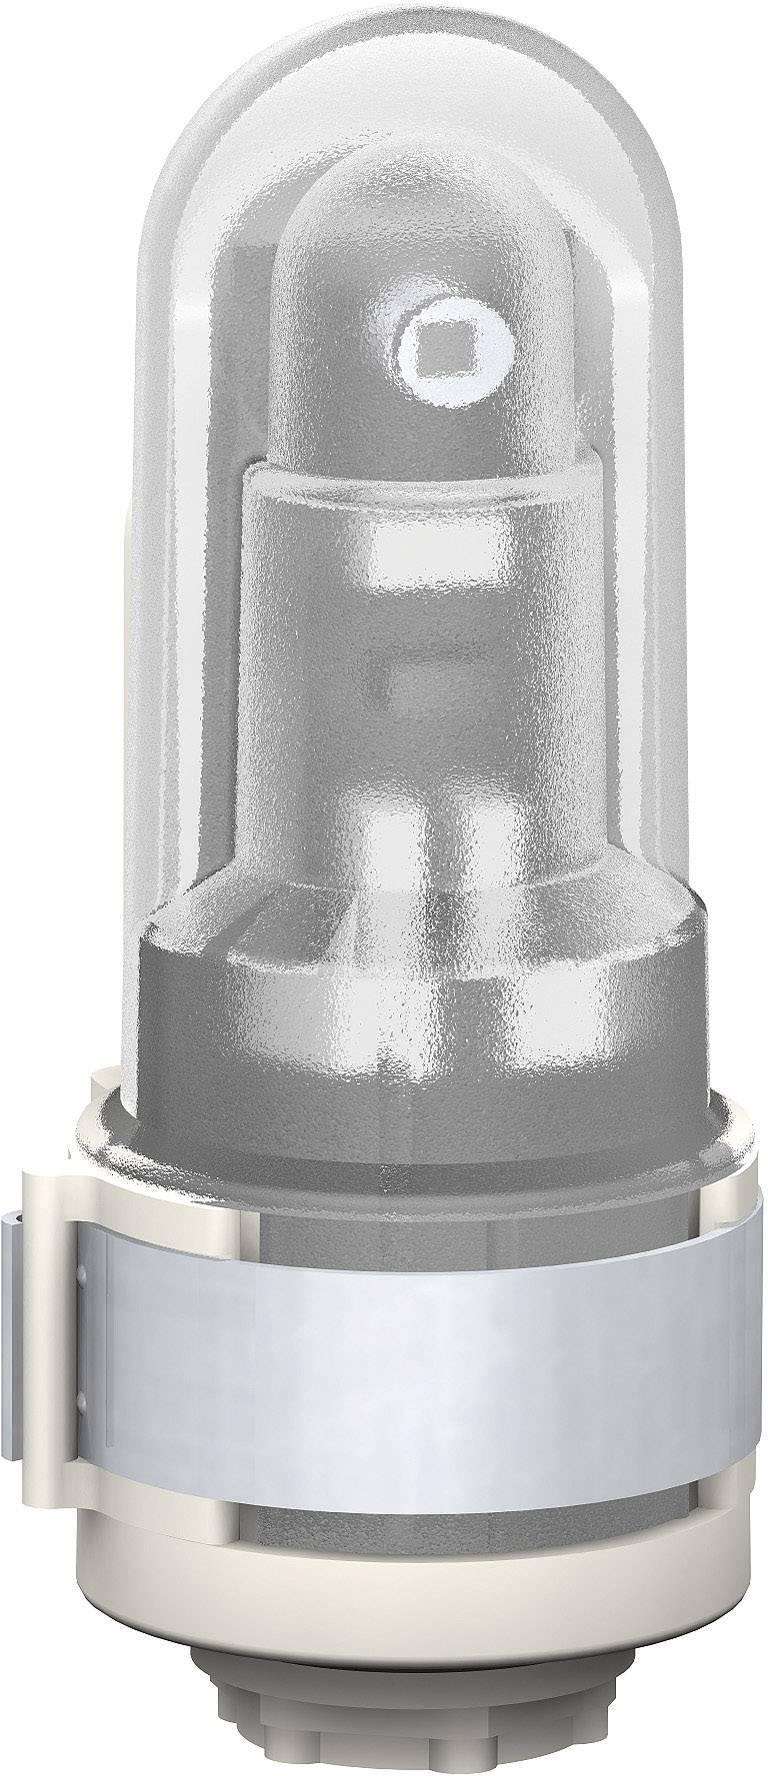 Řezačka CCT15268 světelný senzor Schneider Electric CCT15268